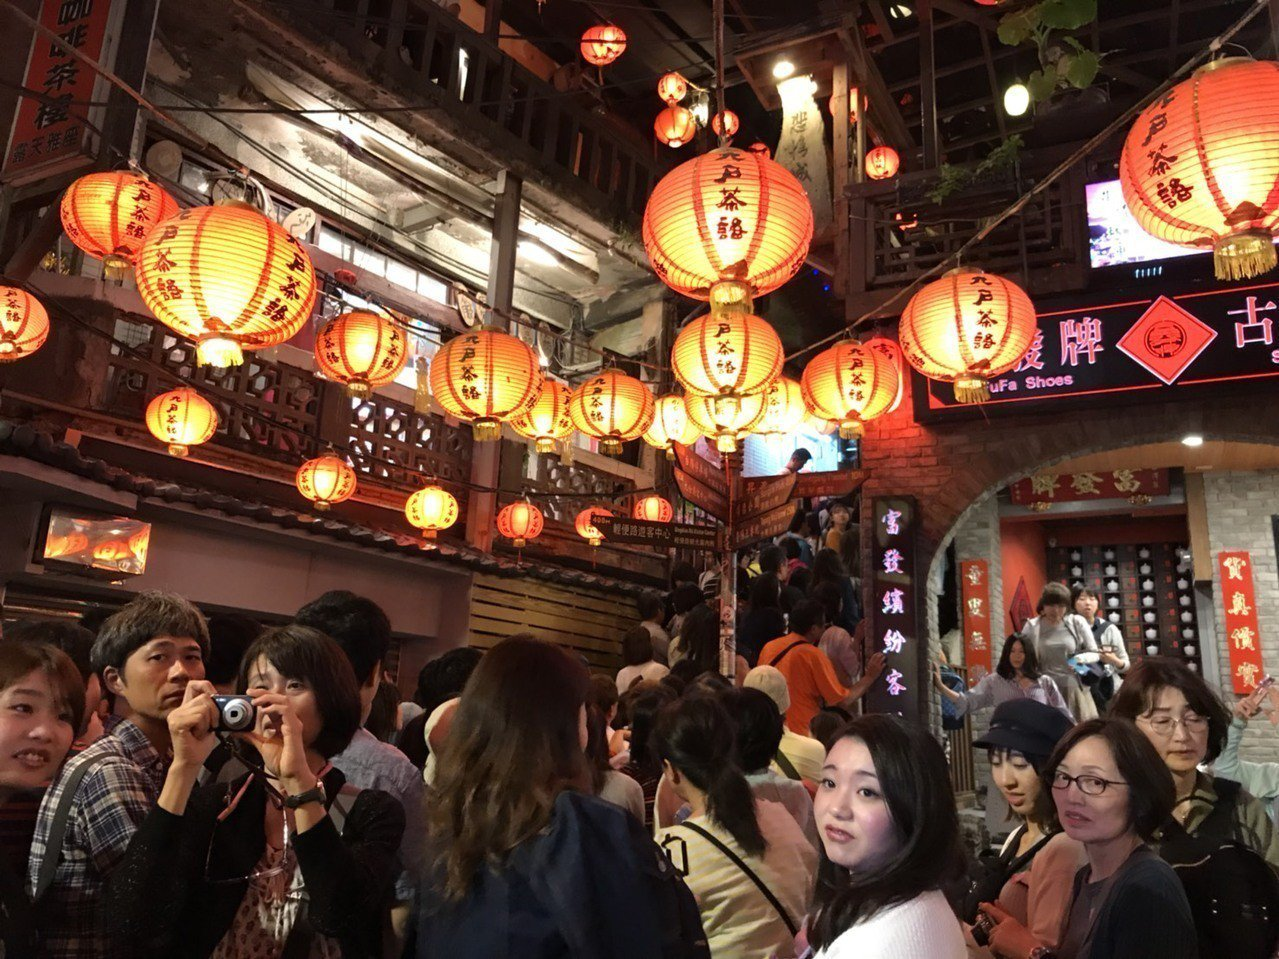 昨晚大批日本遊客擠爆九份,老街擠到動彈不得,瑞芳警分局還出動員警疏導,並防扒手出...